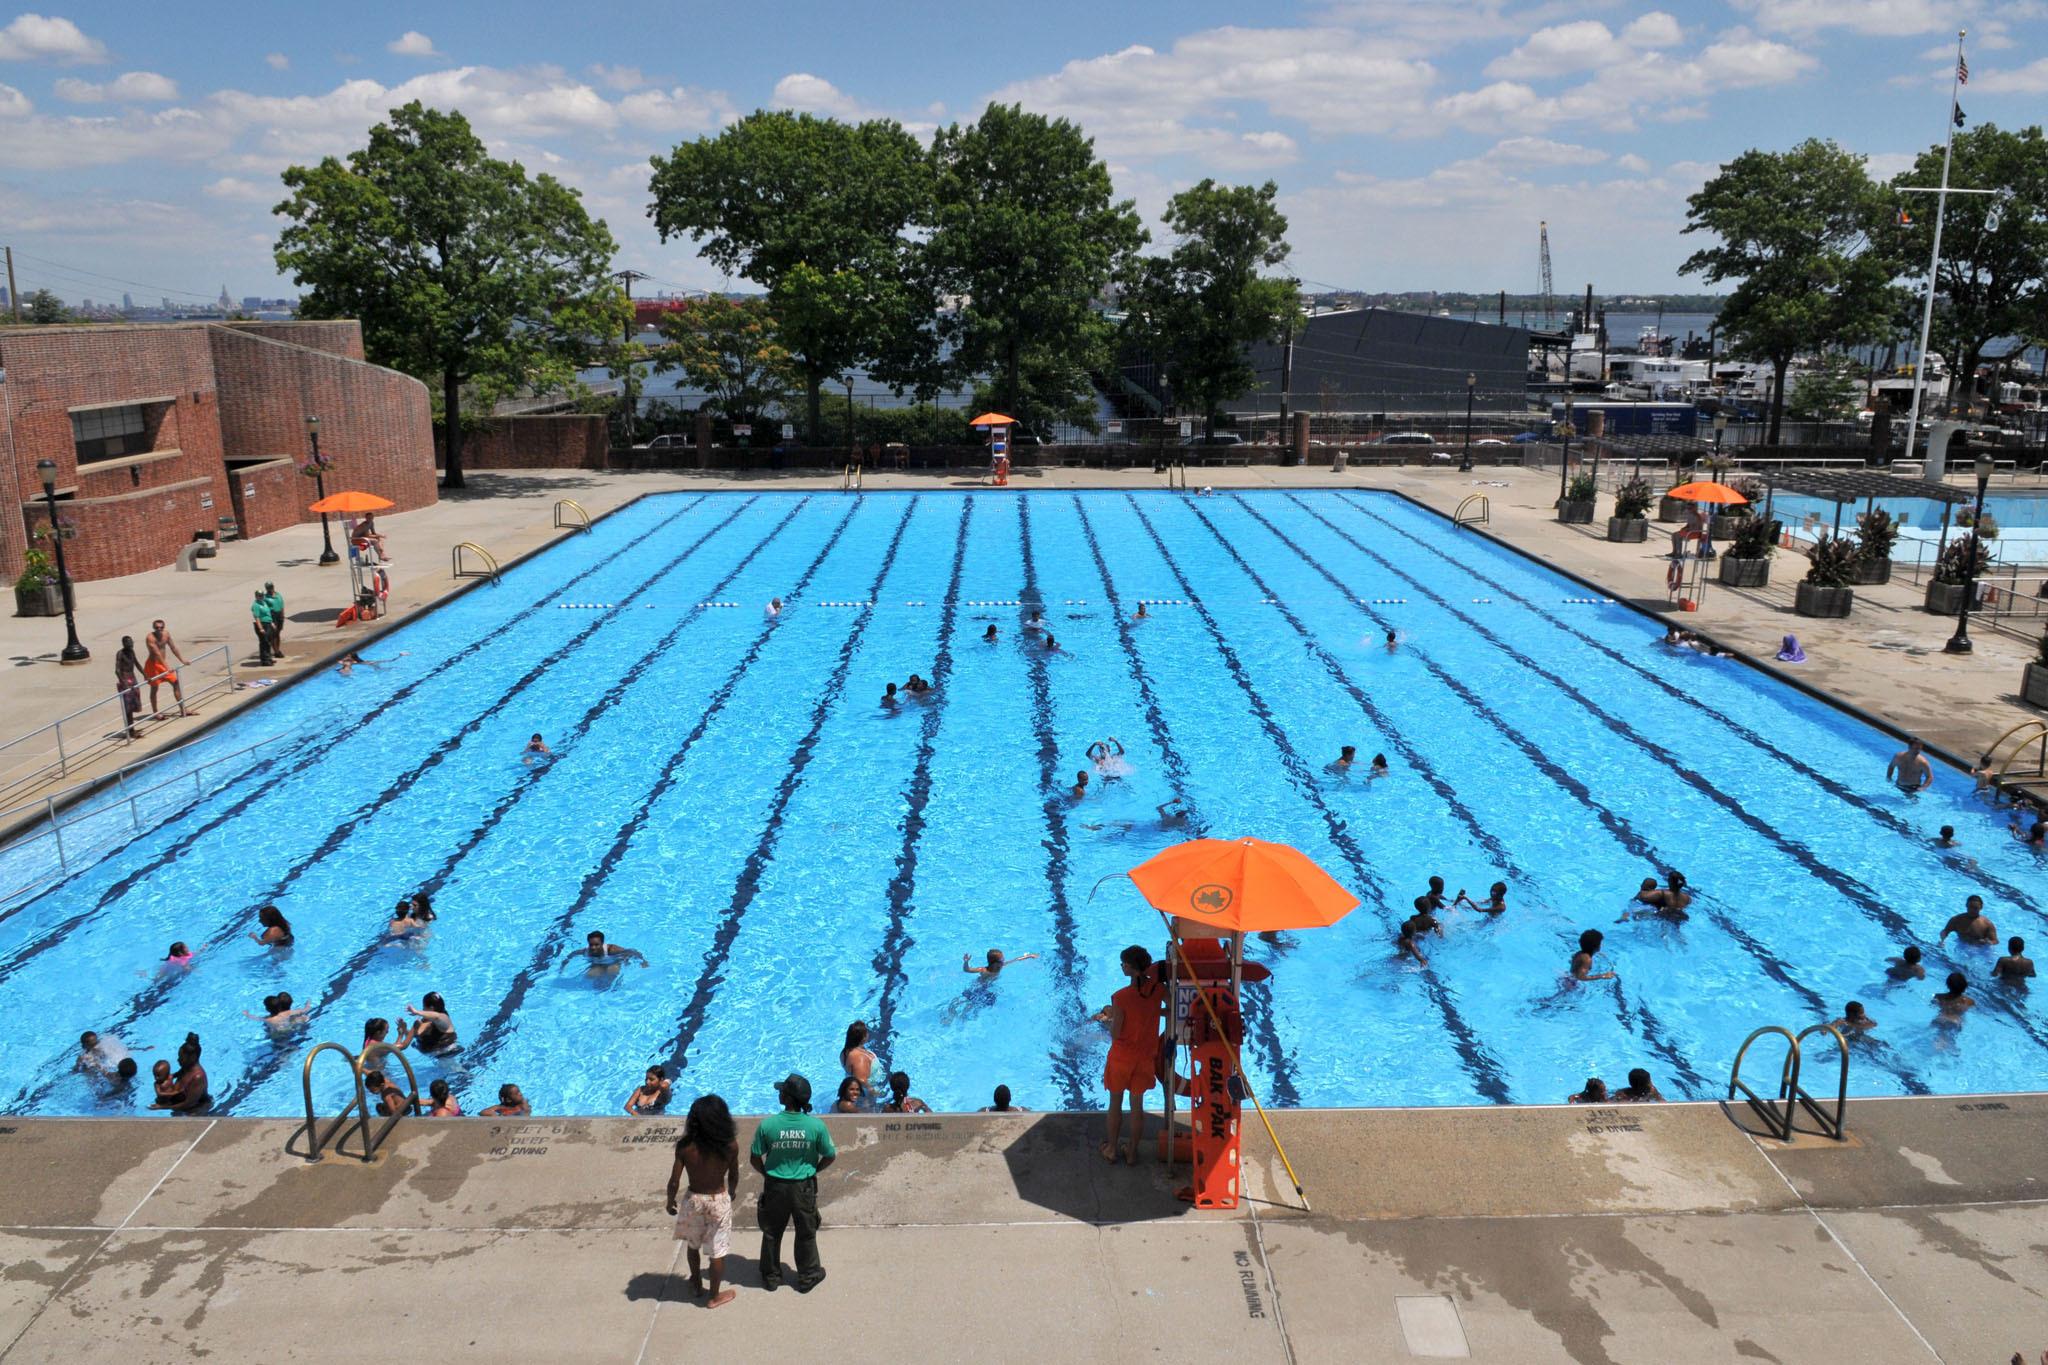 Lyons pool